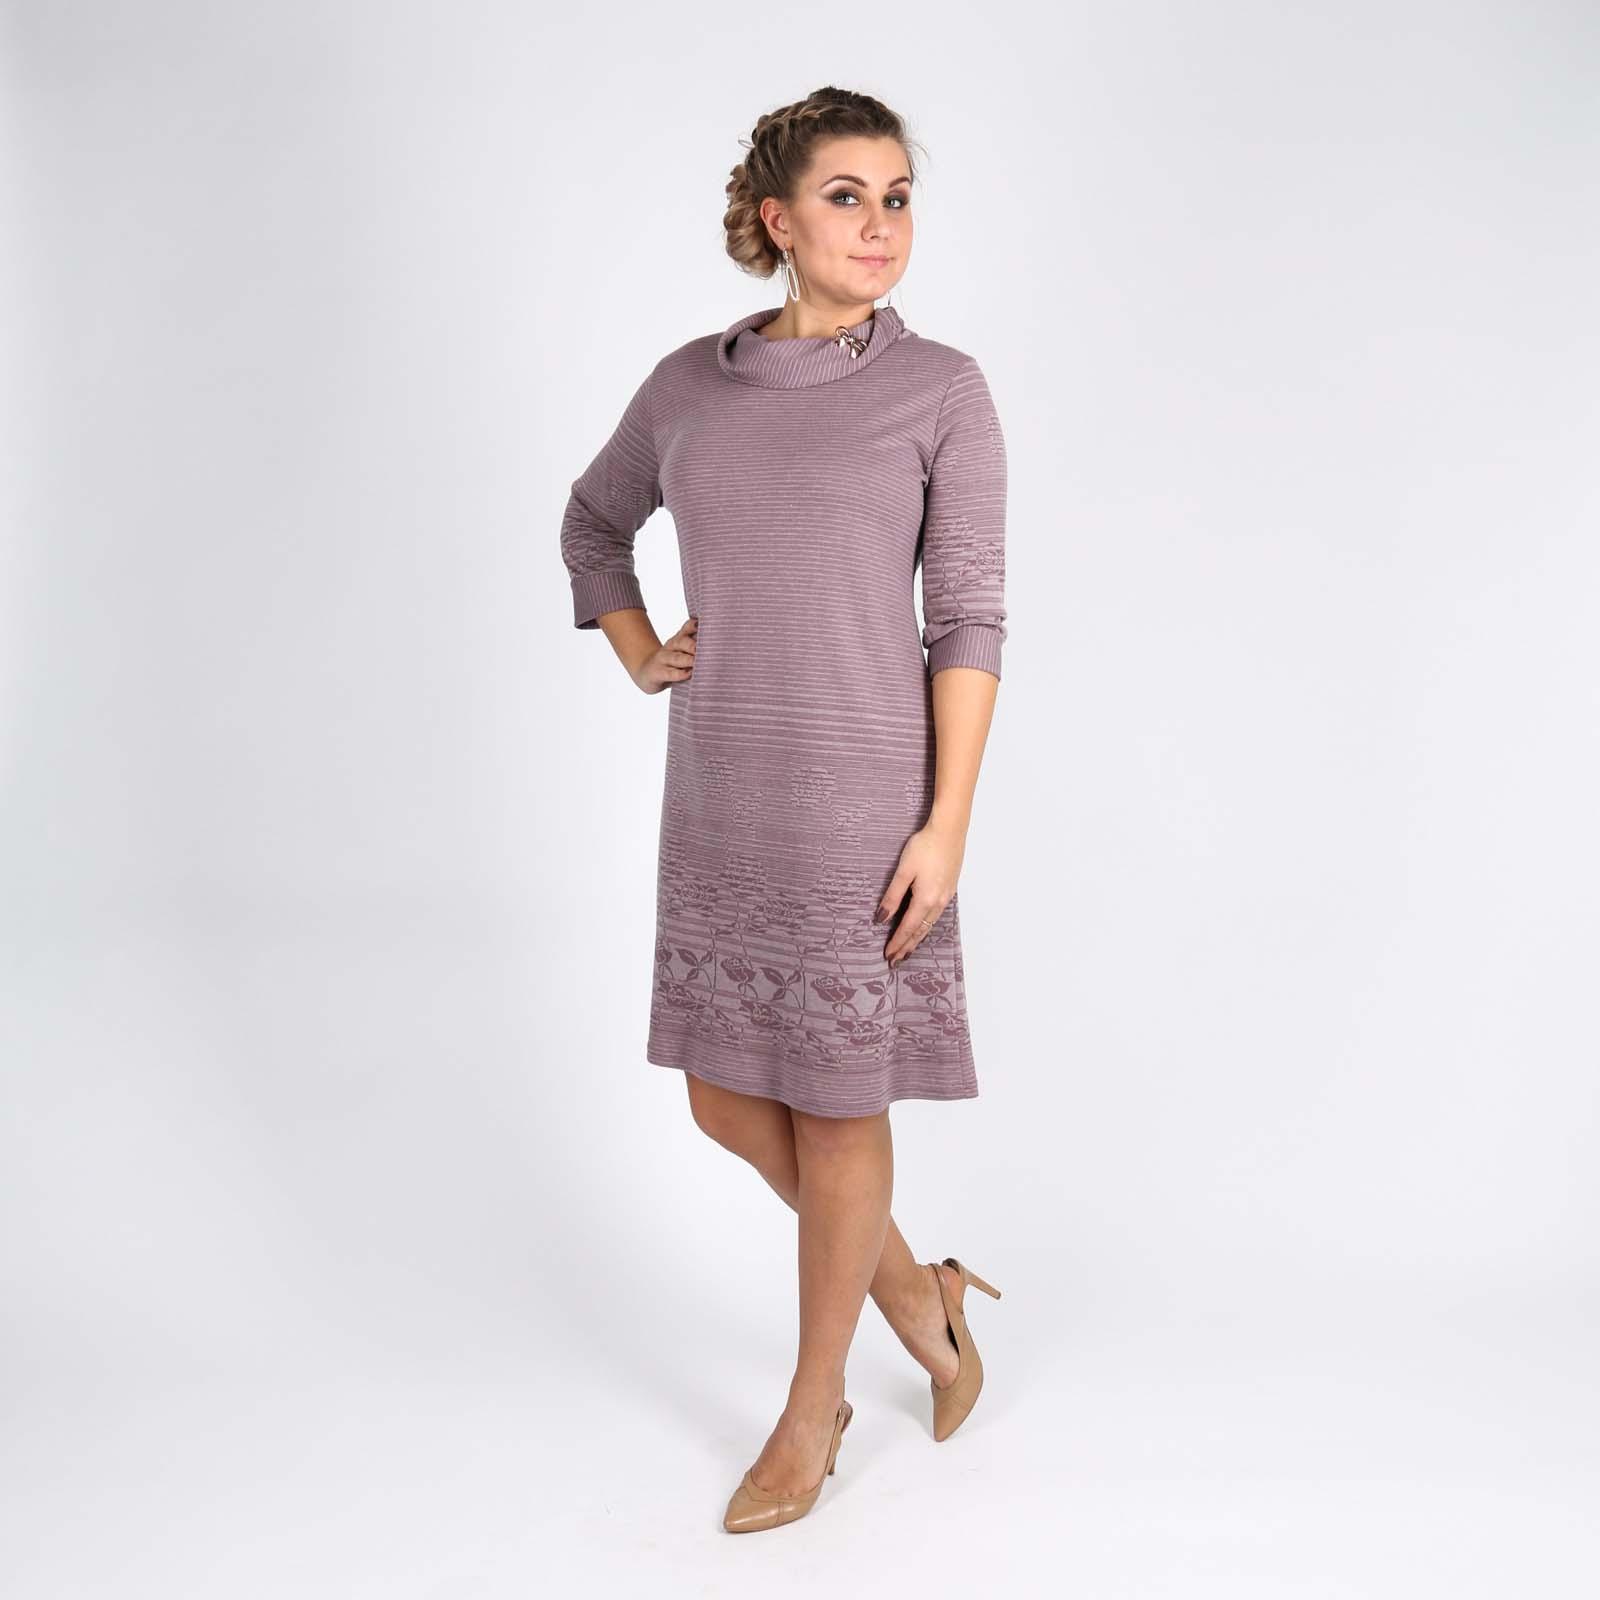 Платье прямого кроя с декоративным элементом